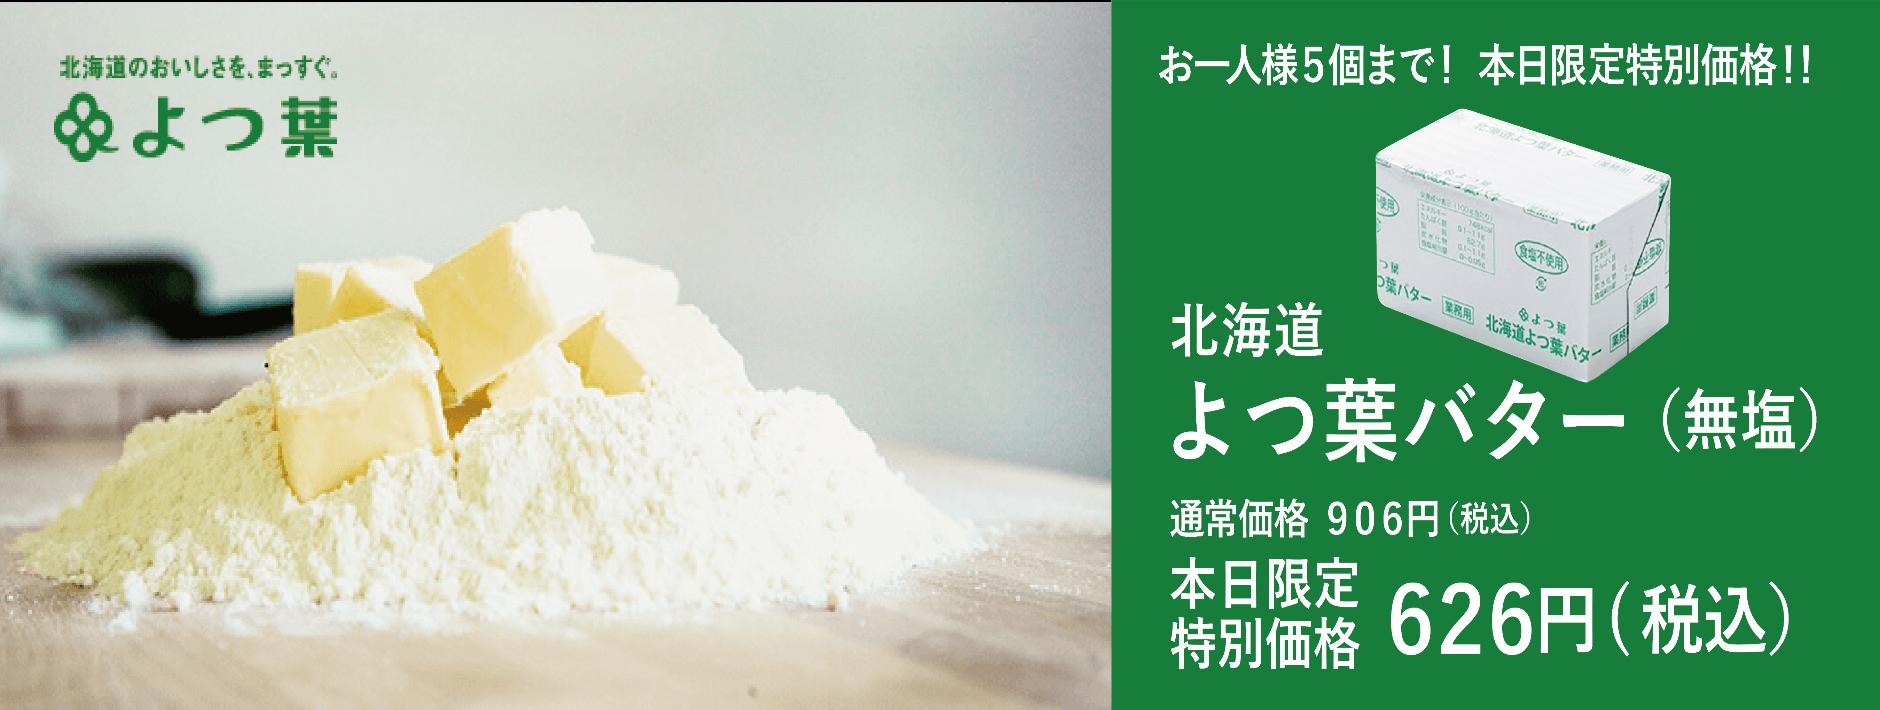 よつ葉バター本日限定特価